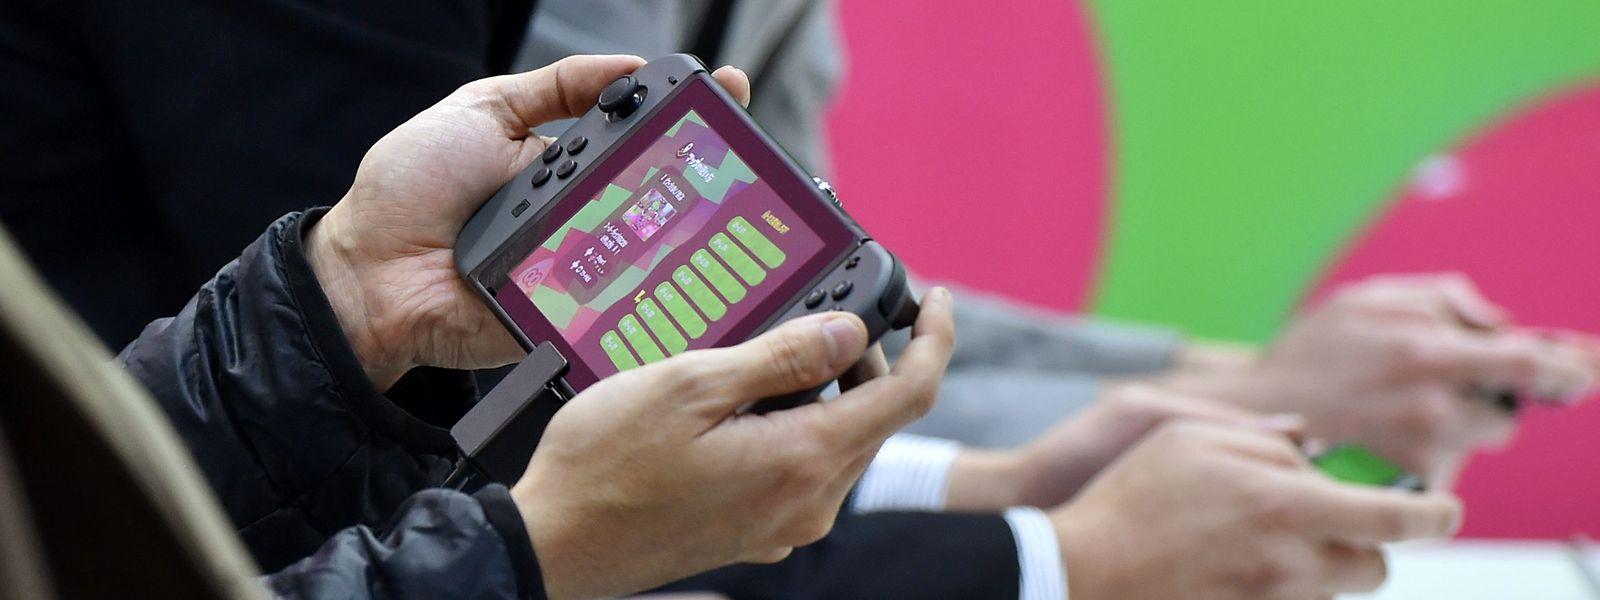 Le fabricant nippon n'a toujours rien dit sur la sortie éventuelle d'une nouvelle version de la Switch dans le courant de cette année.